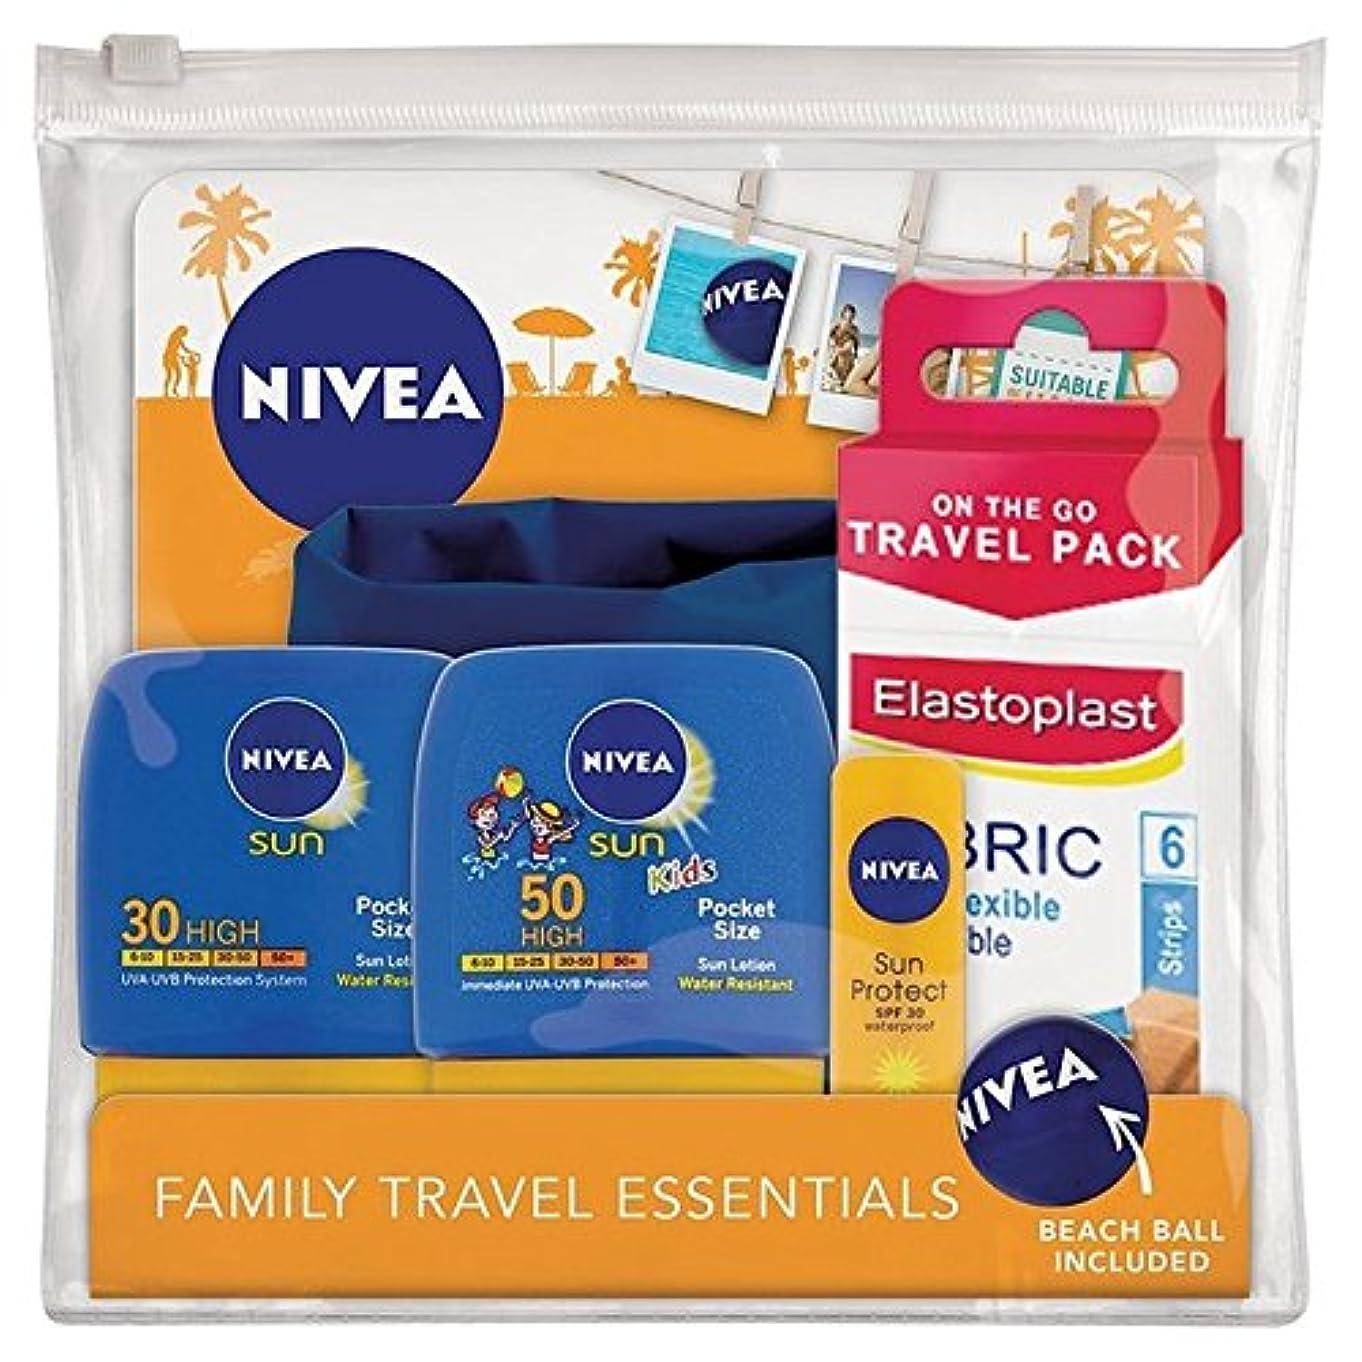 人差し指なめらか焦がすニベア日旅行パック x4 - Nivea Sun Travel Pack (Pack of 4) [並行輸入品]